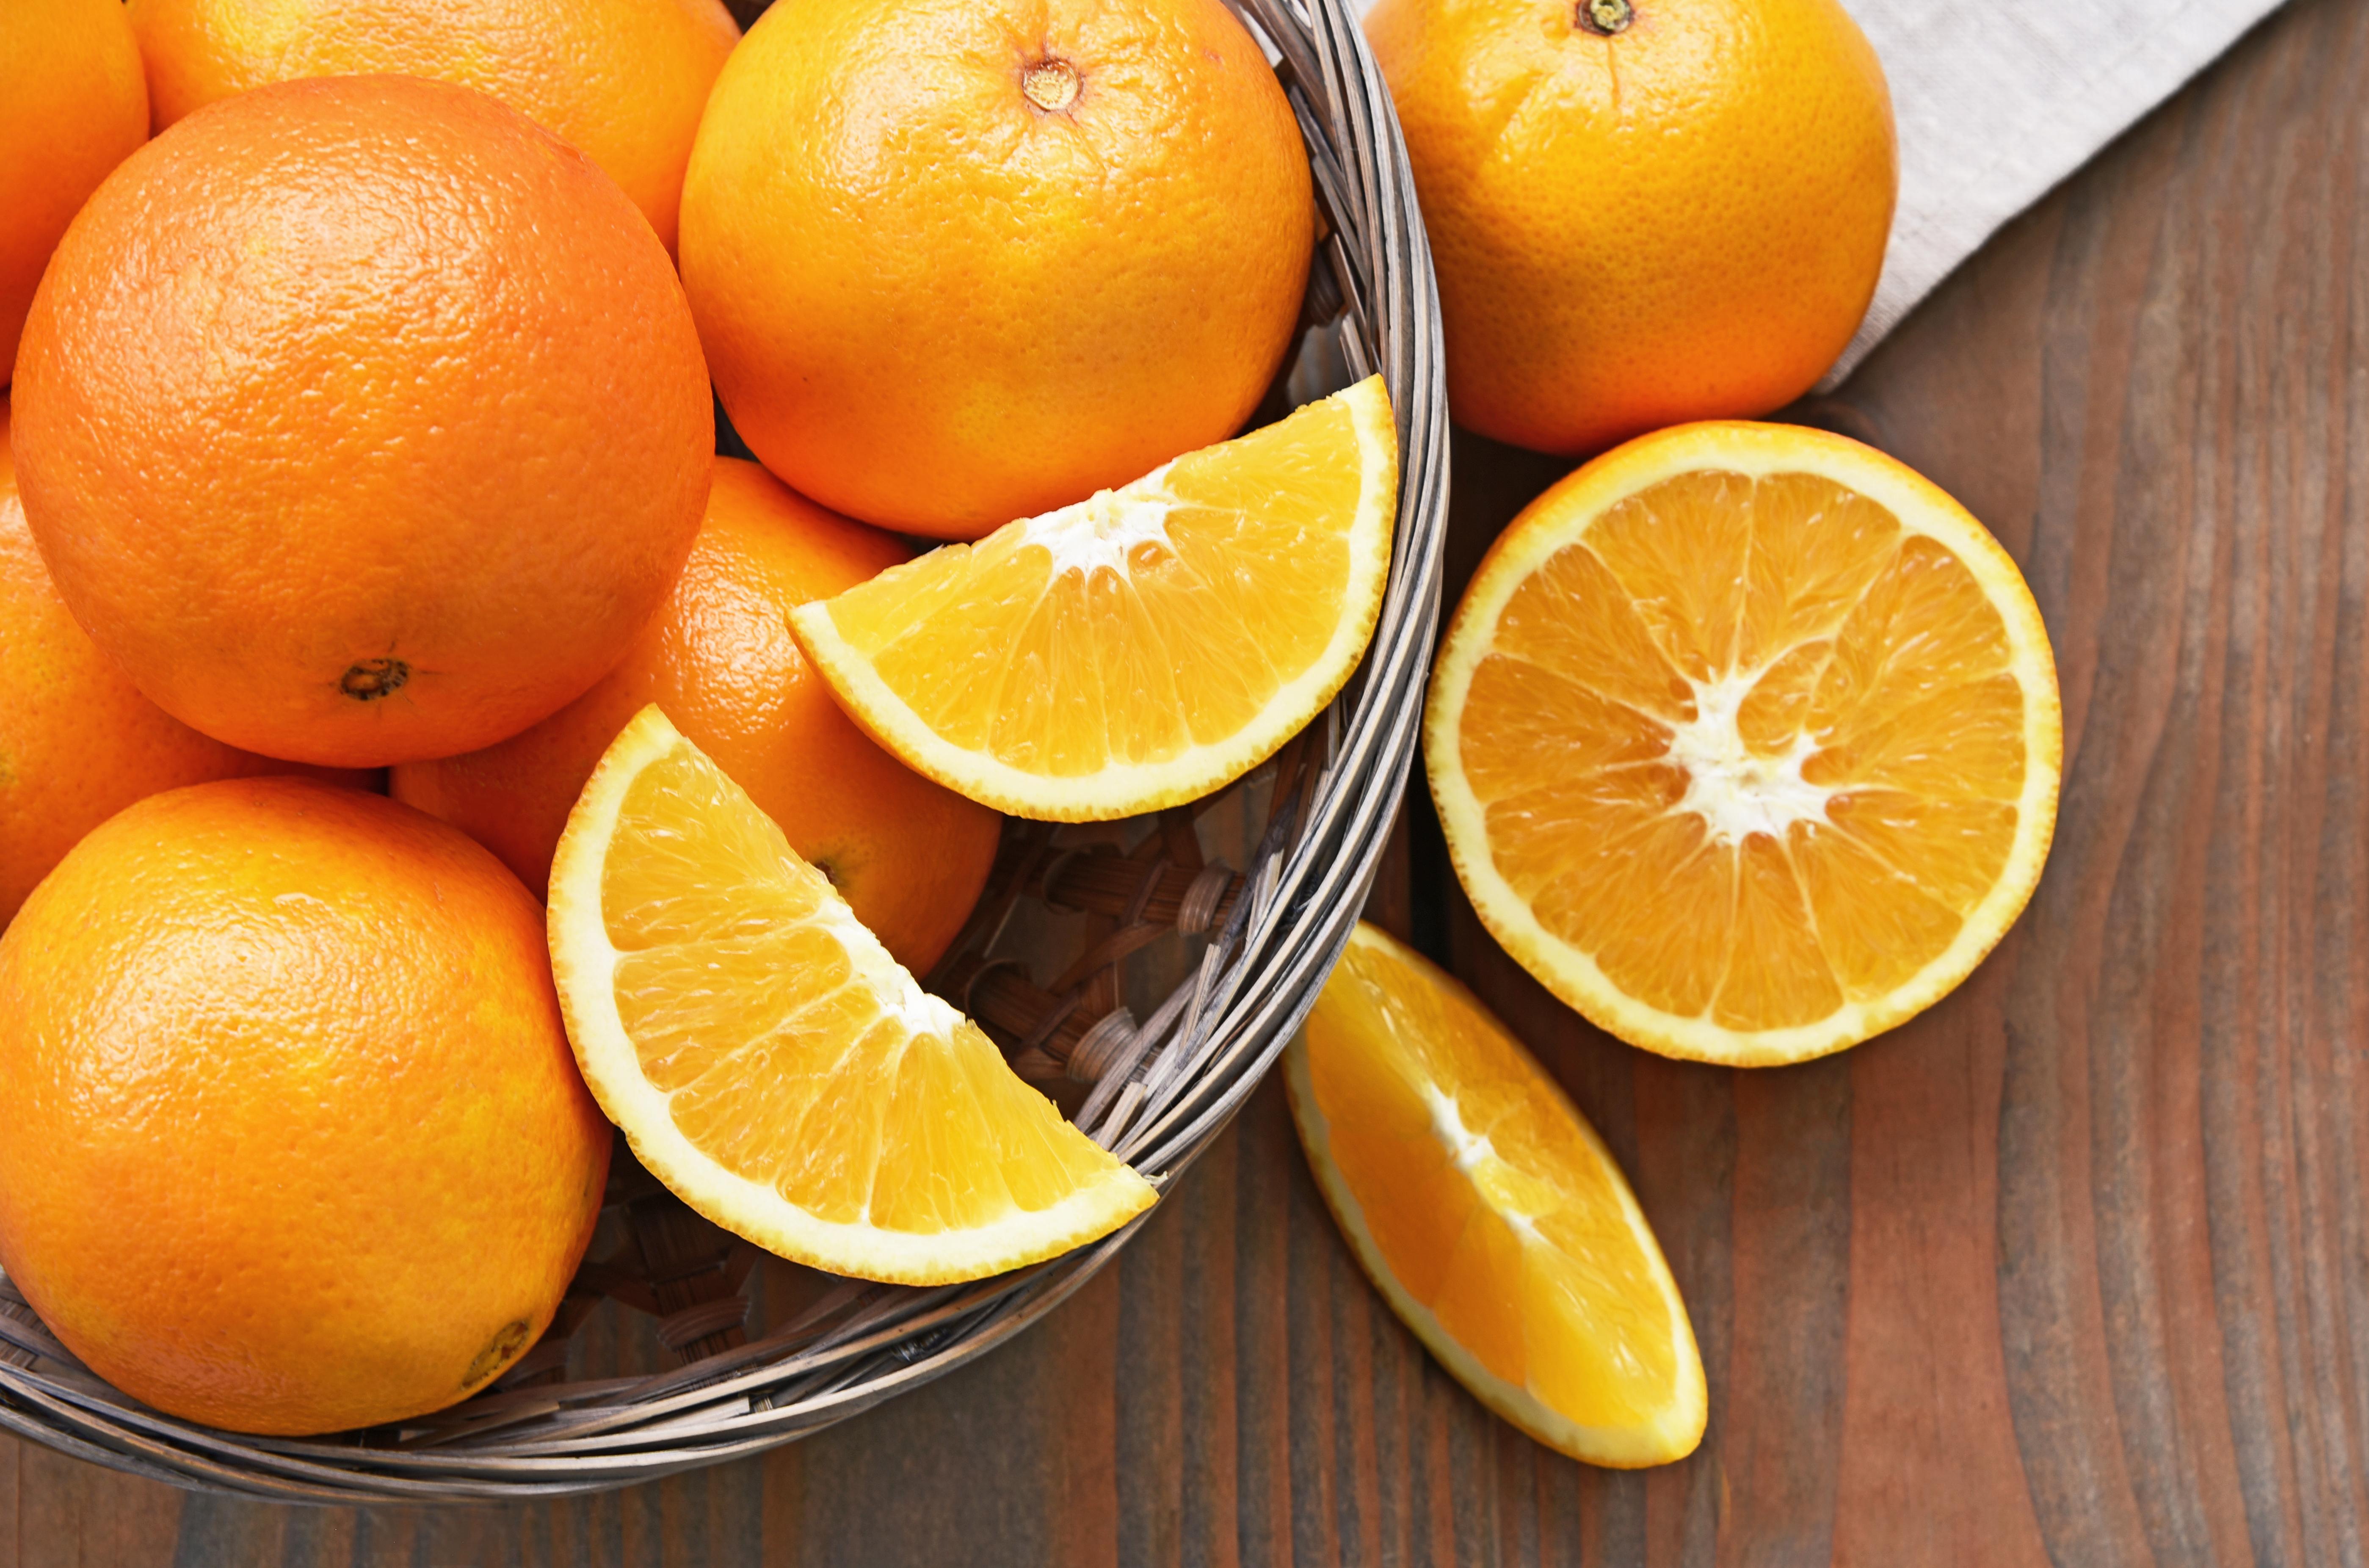 Motivul pentru care 4 bărbați au mâncat 30 de kg de portocale într-un aeroport. Ce au pățit